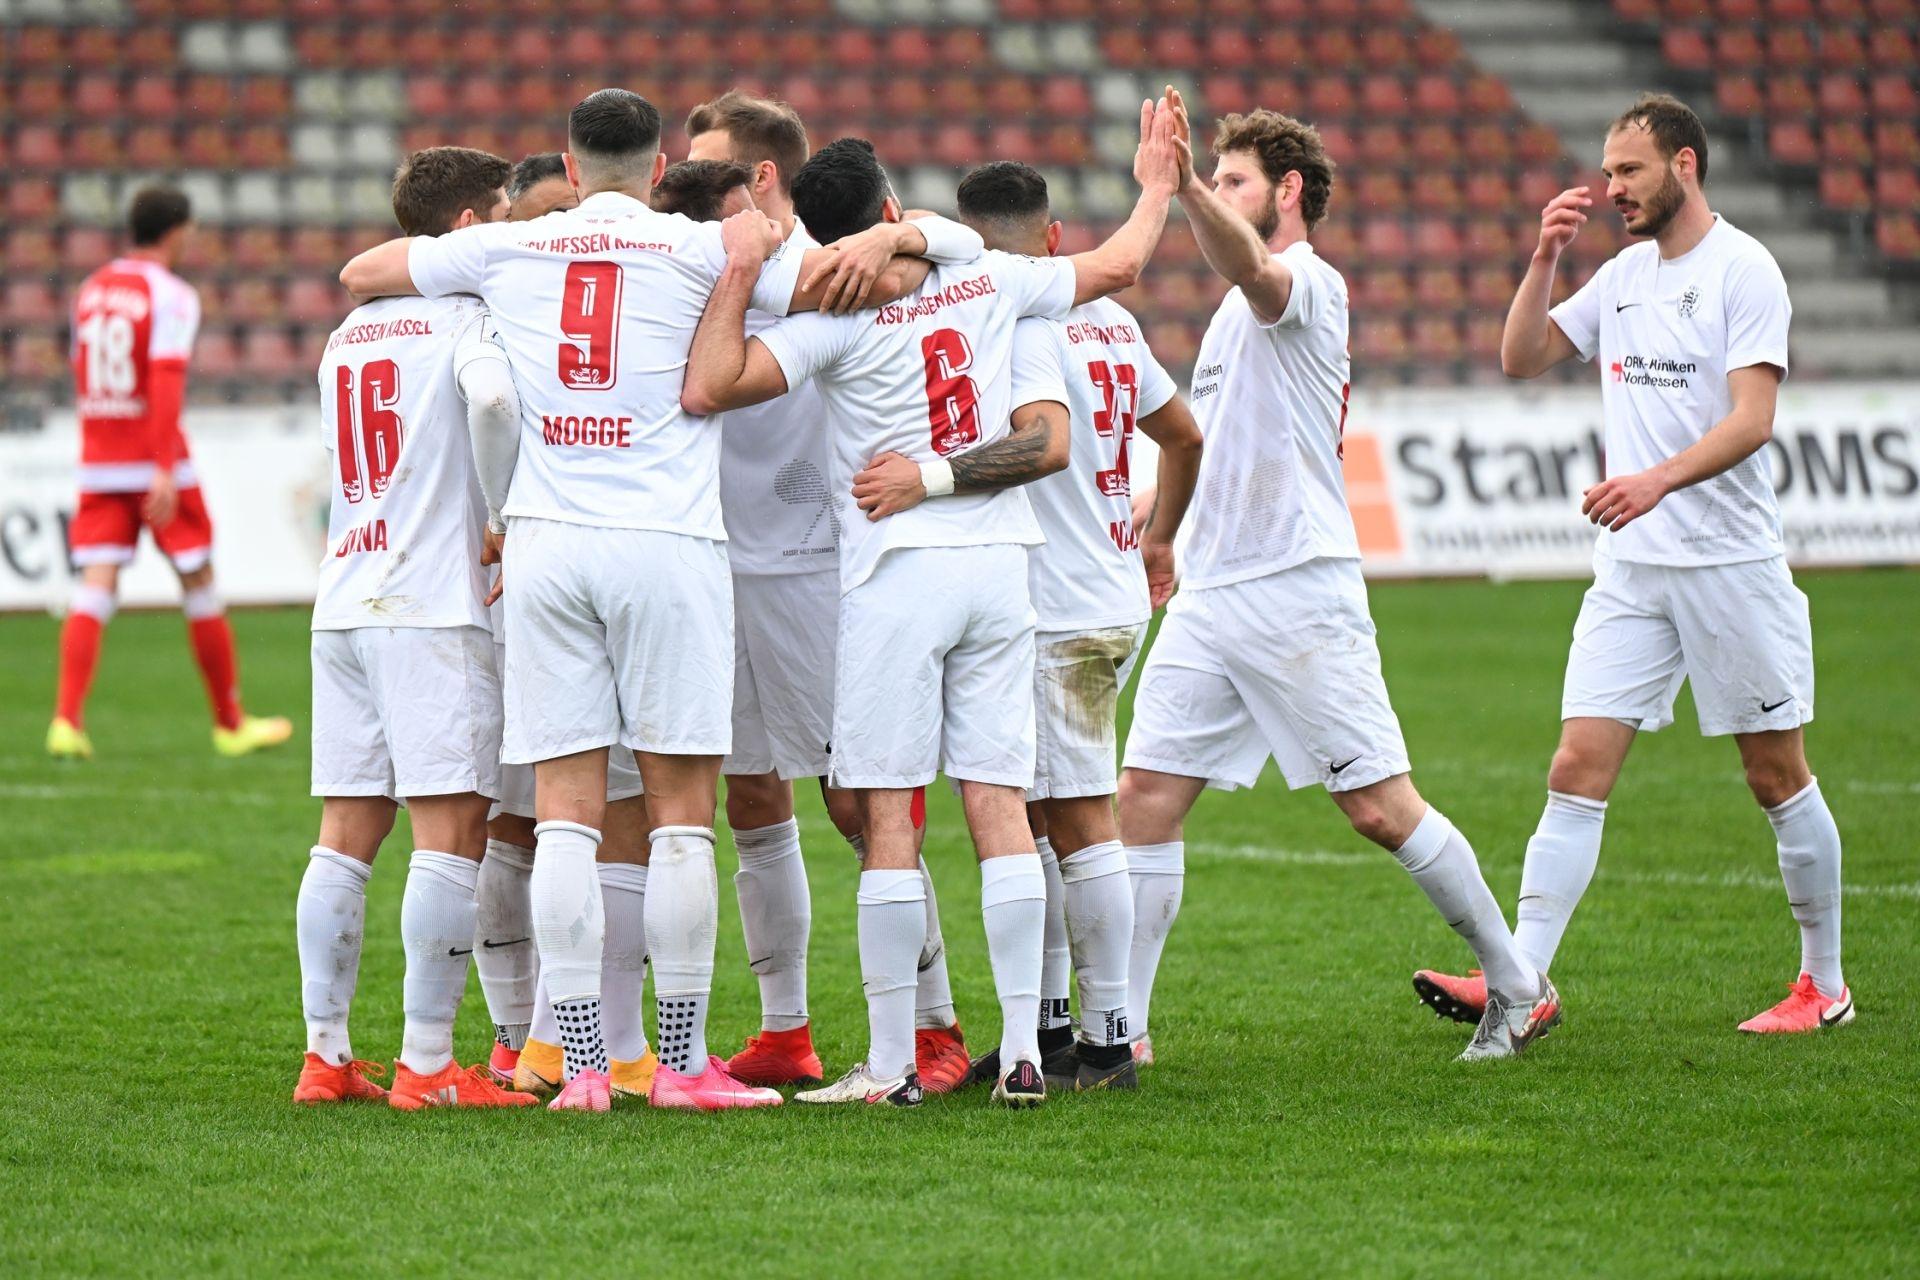 Regionalliga S�dwest 2020/21, KSV Hessen Kassel, VfR Aalen, Endstand 1:1, Jubel zum 1:0